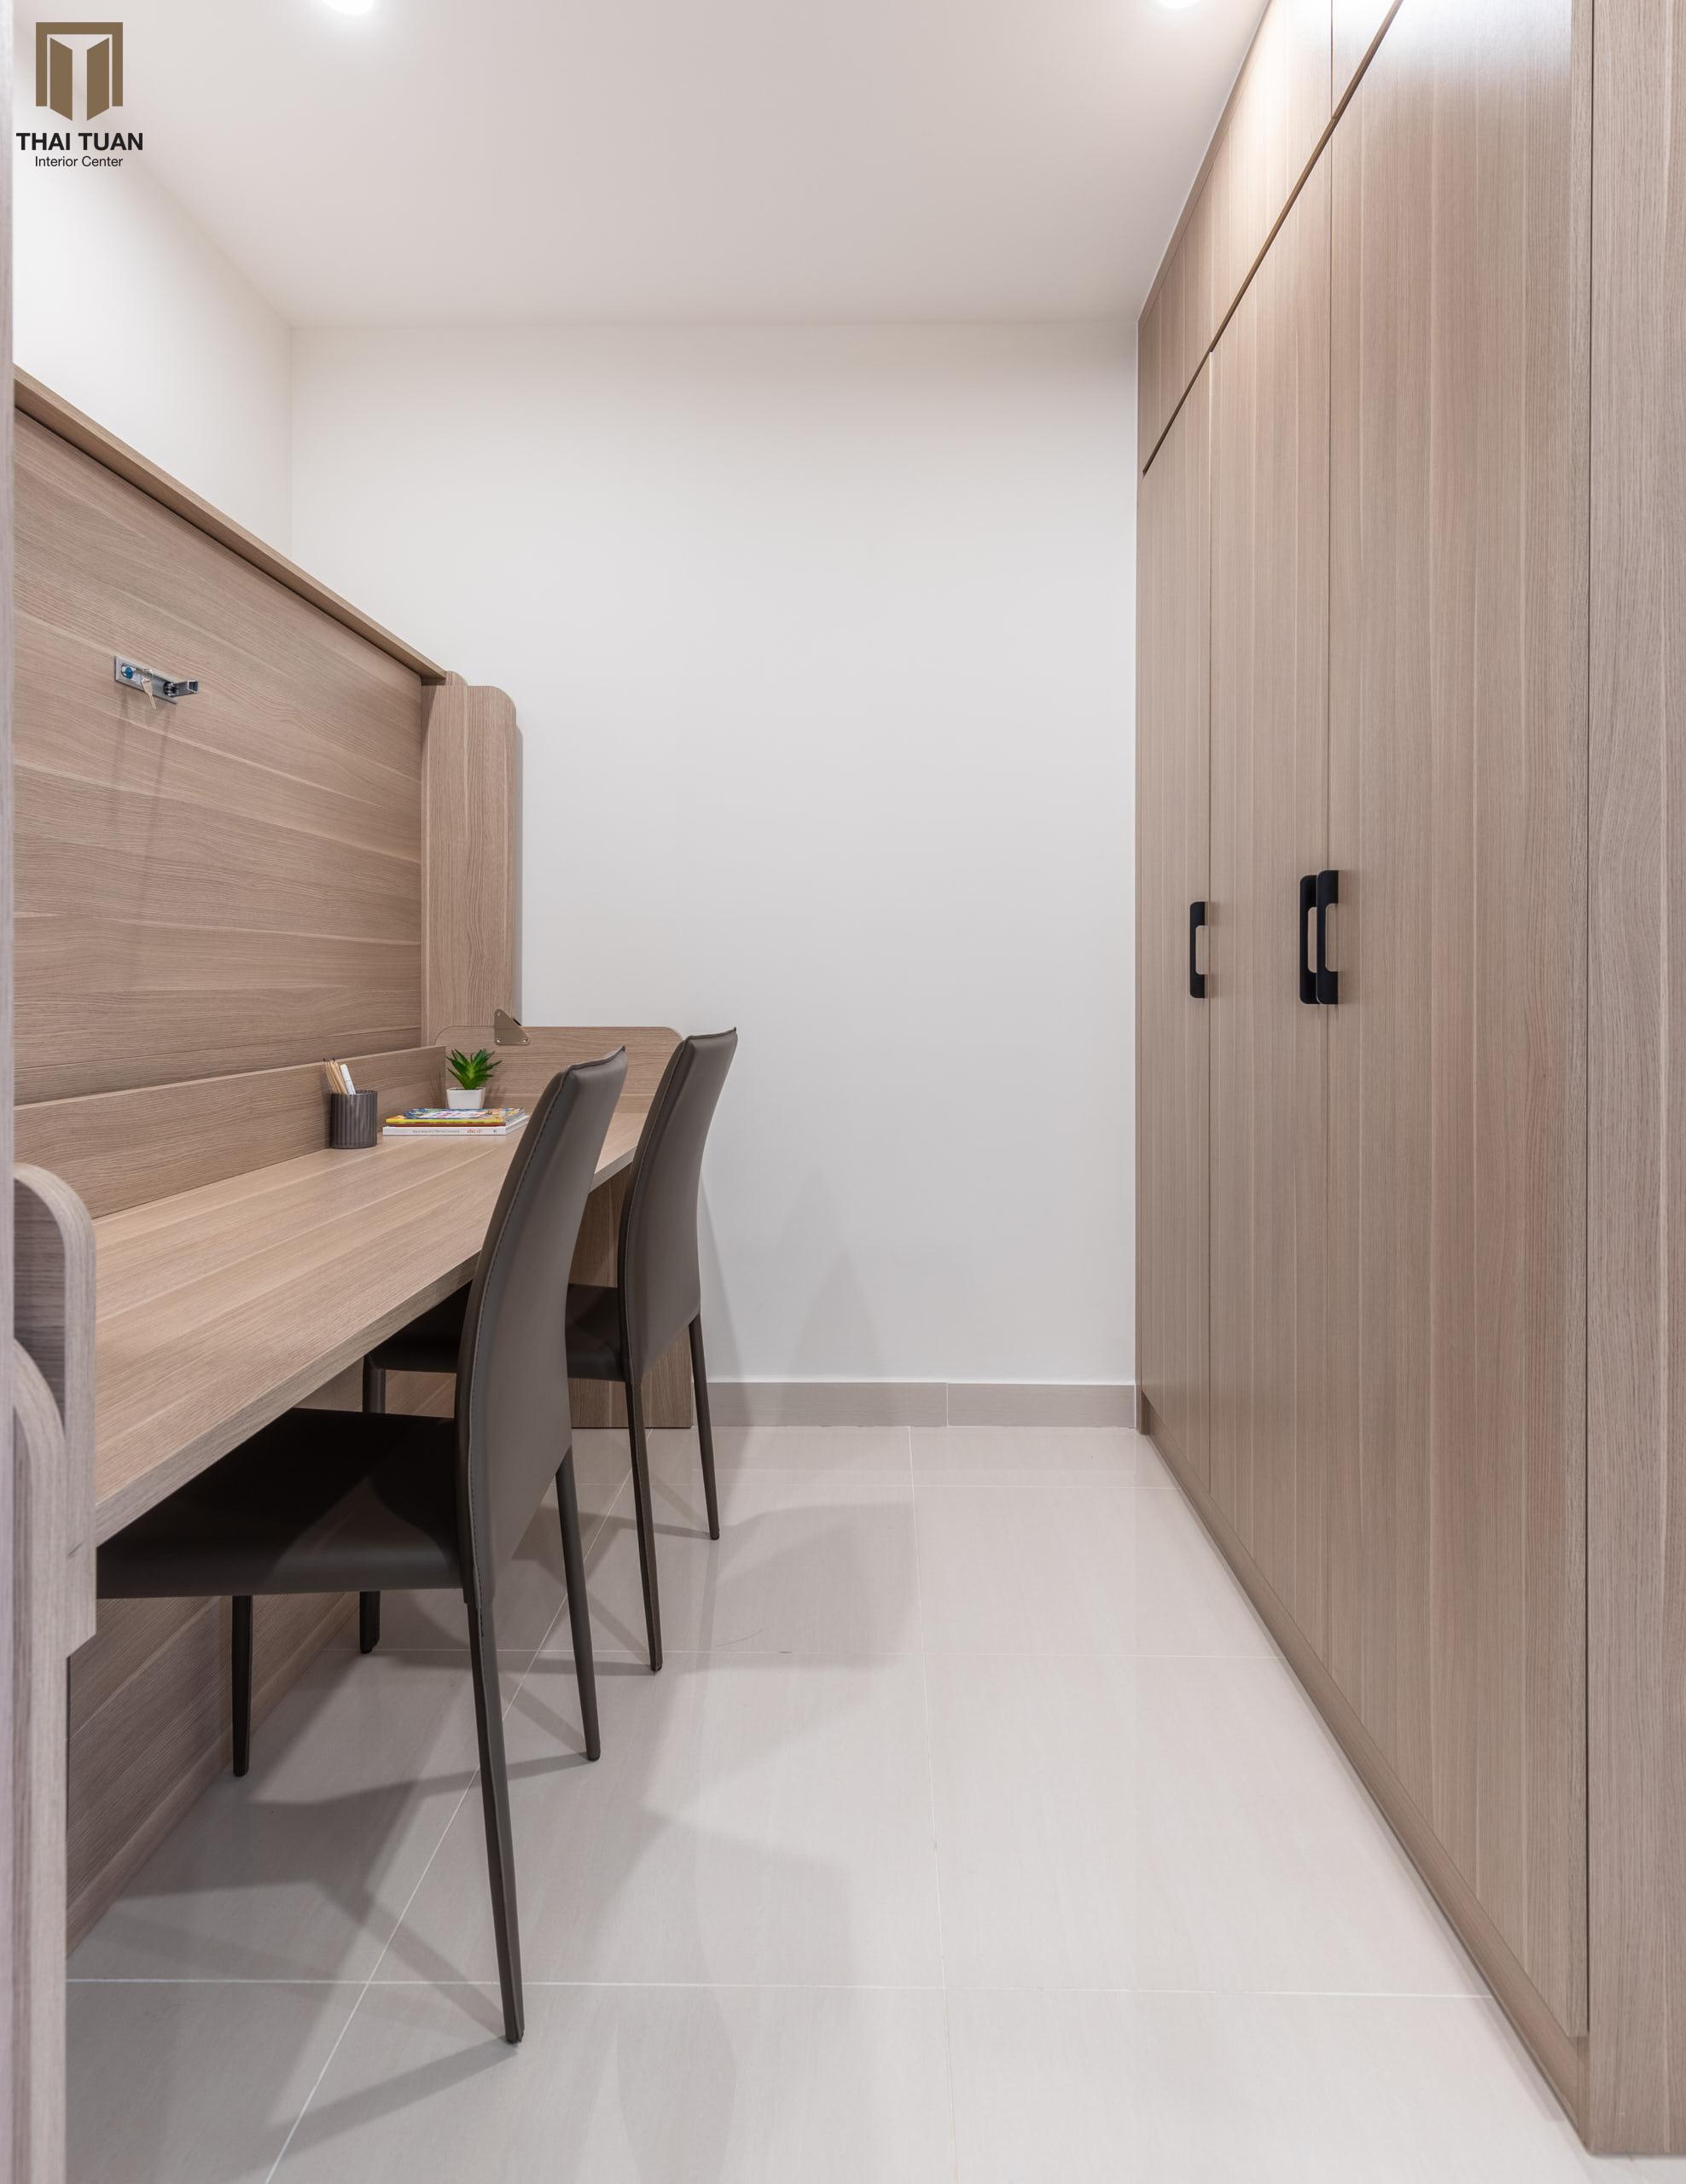 Không gian làm việc riêng tư được kết hợp với phụ kiện thông minh